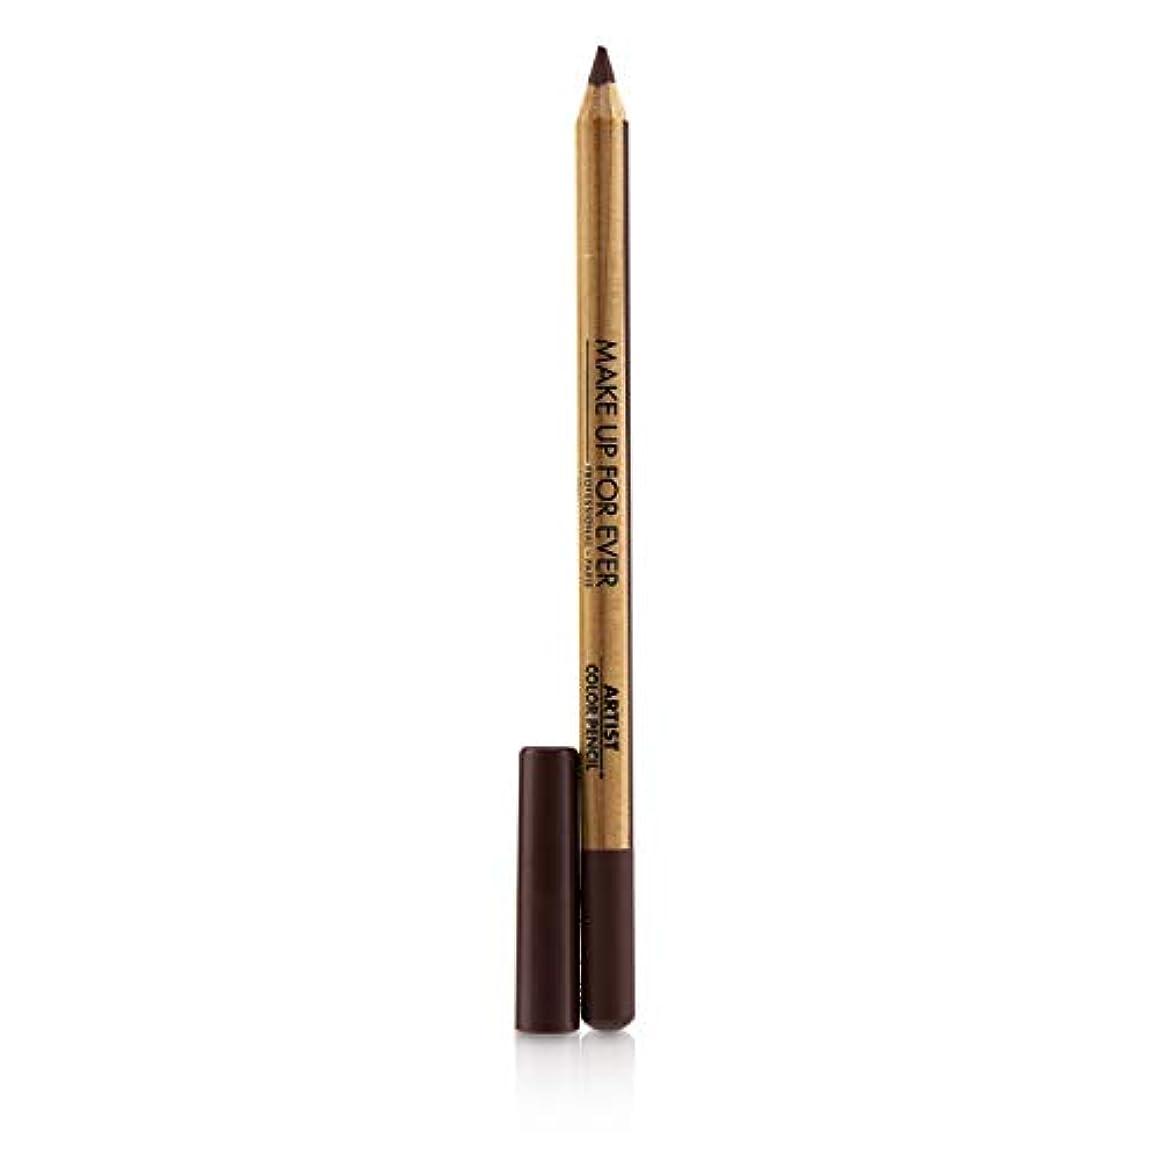 豊かにする注釈縫うメイクアップフォーエバー Artist Color Pencil - # 708 Universal Earth 1.41g/0.04oz並行輸入品